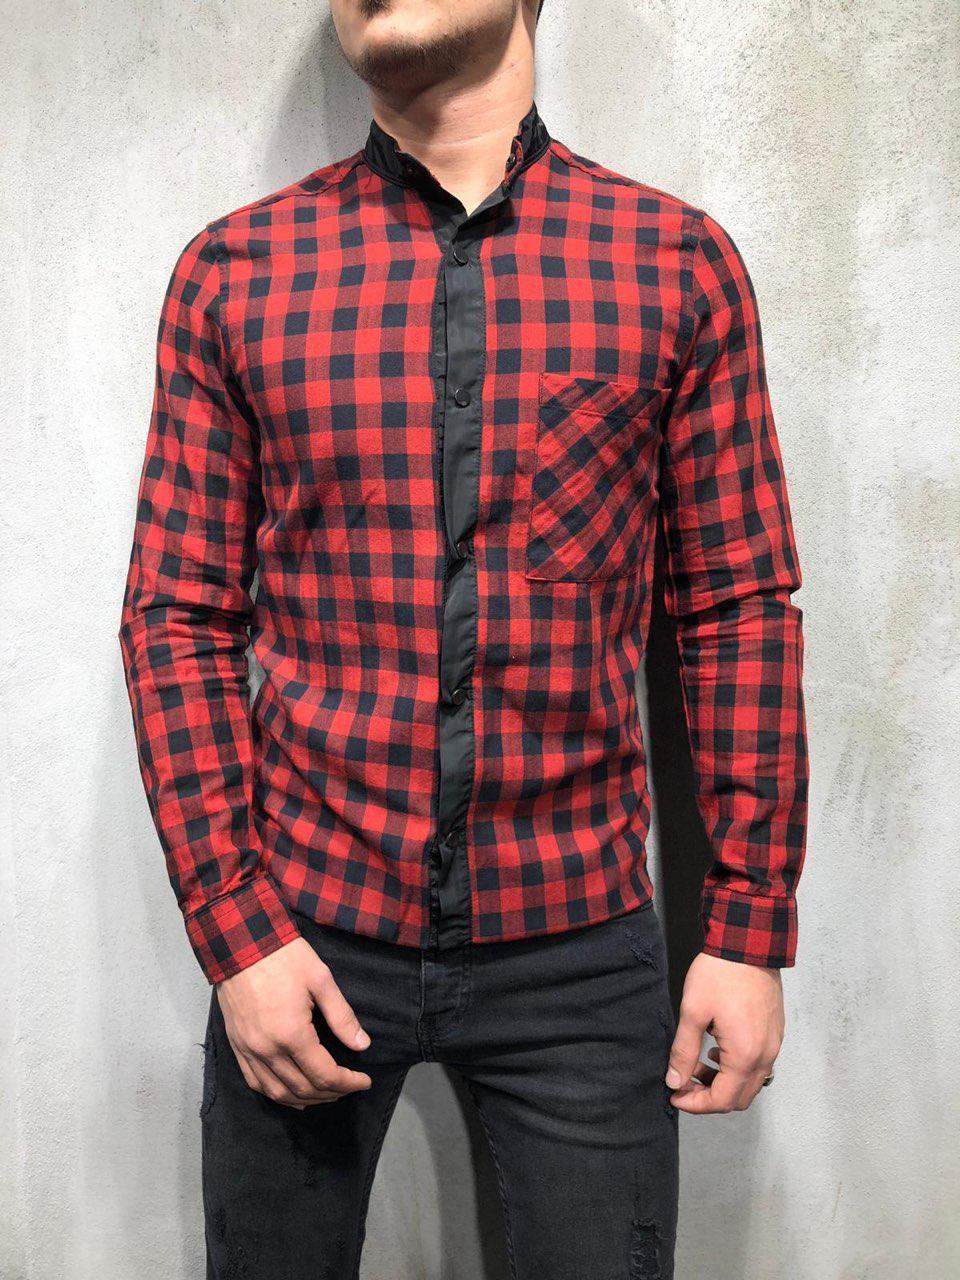 0f8f22d3c64 Мужская рубашка в клетку красно-черная G1009 - Компания